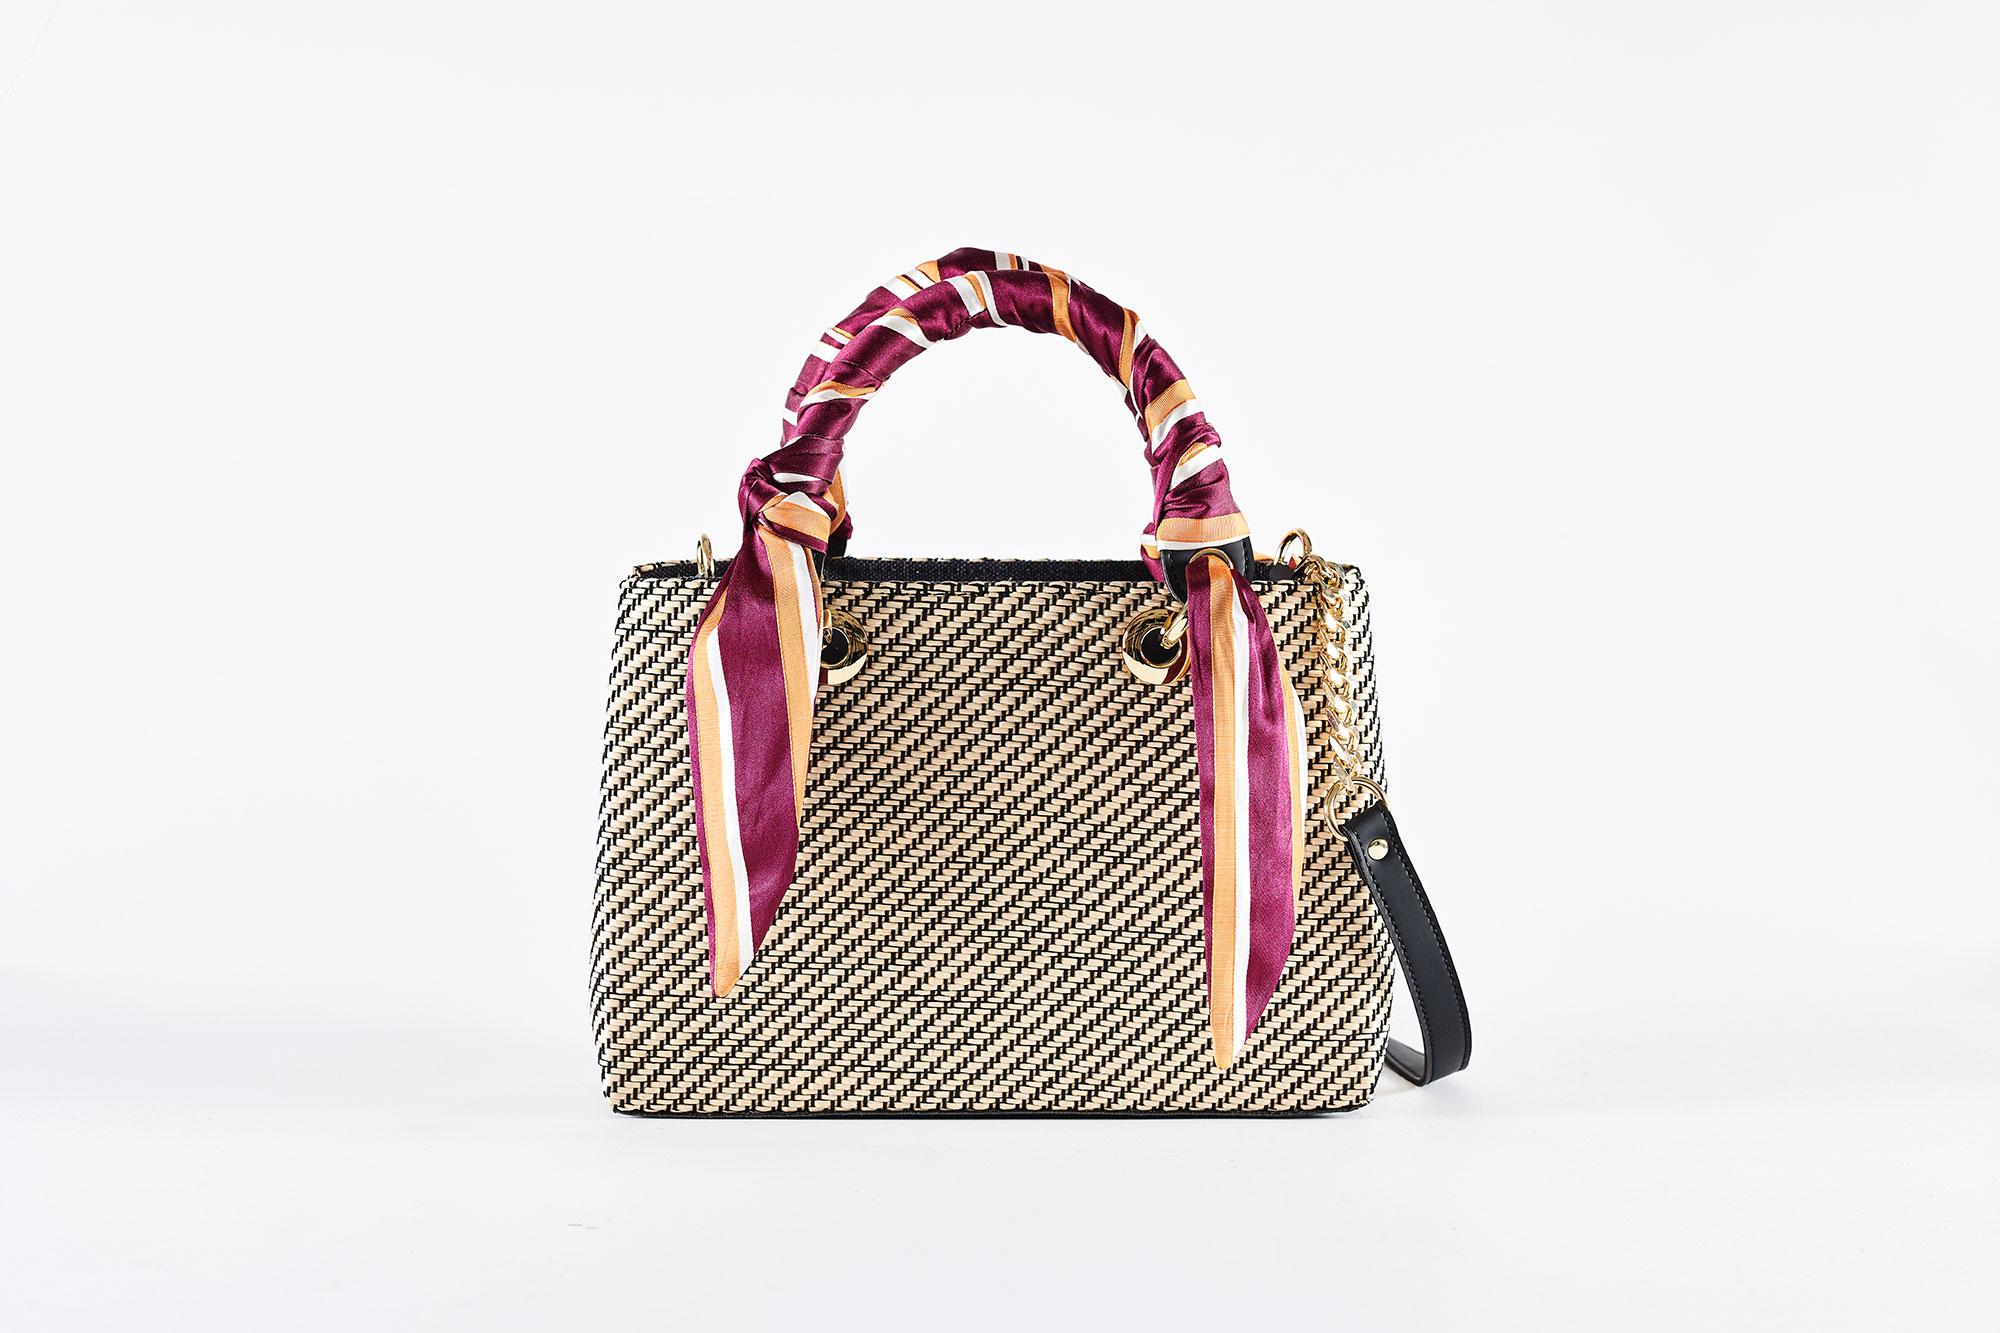 viamailbag-drop-tweed-t05